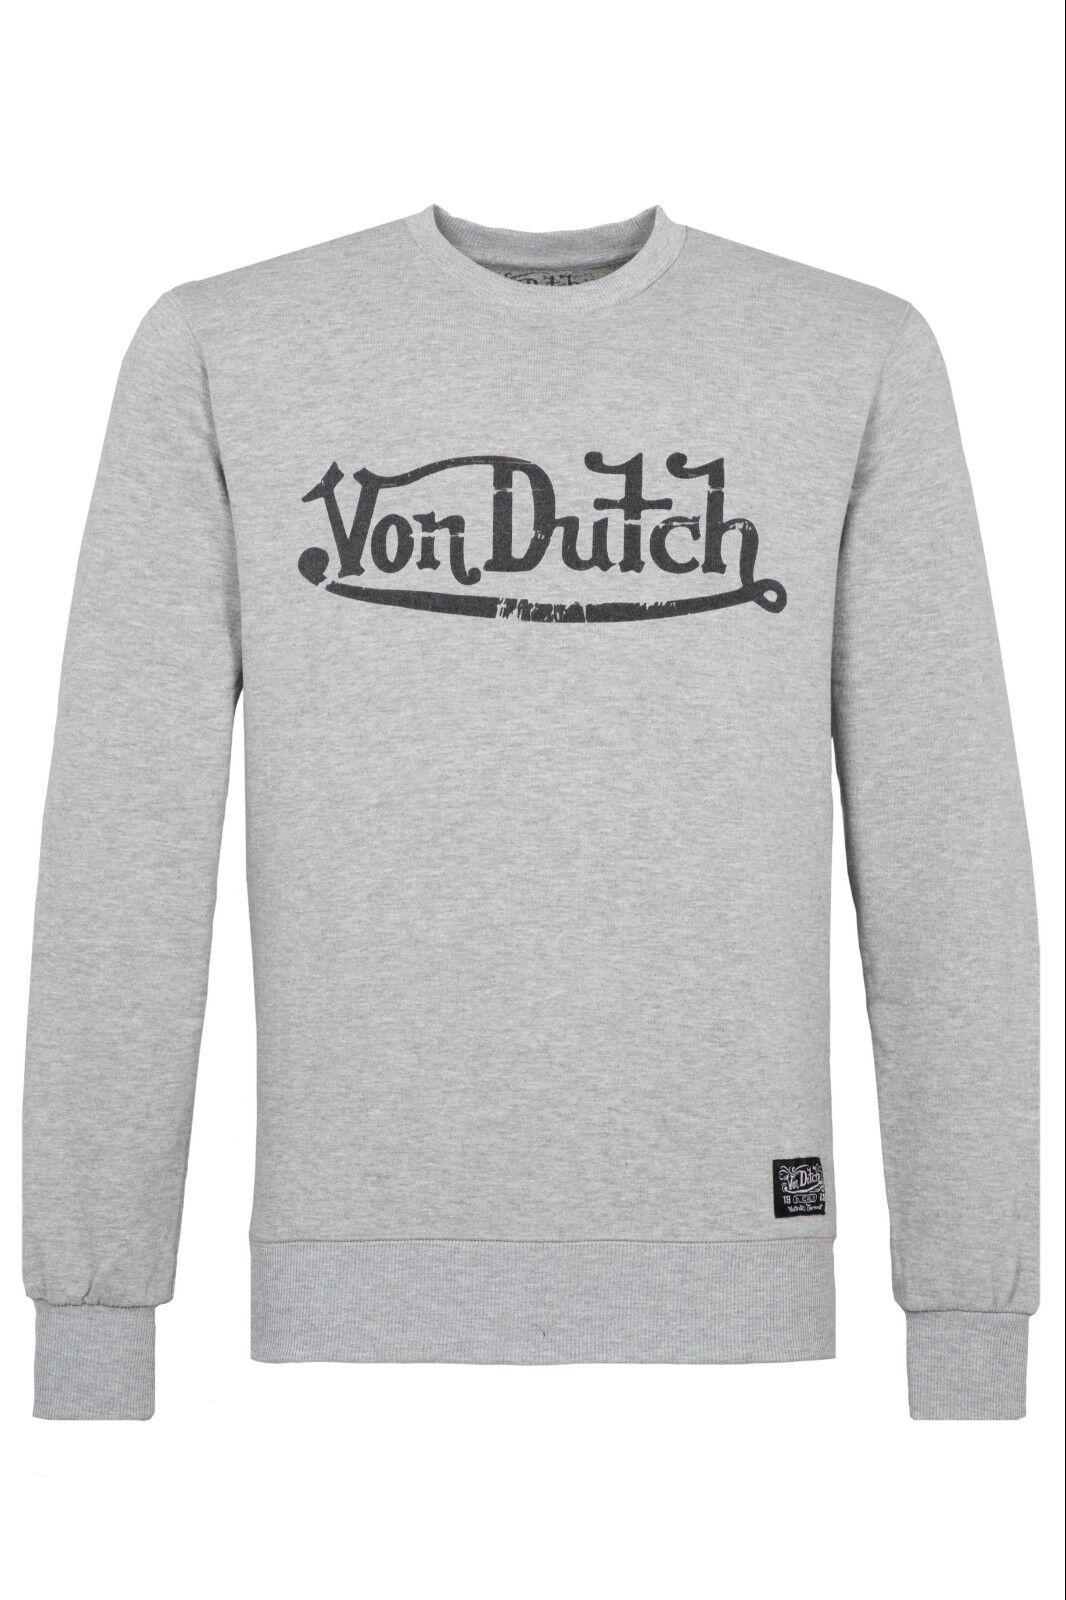 Von Dutch Logo Hoodie Sweatshirt Pullover Sweater Grau SALE